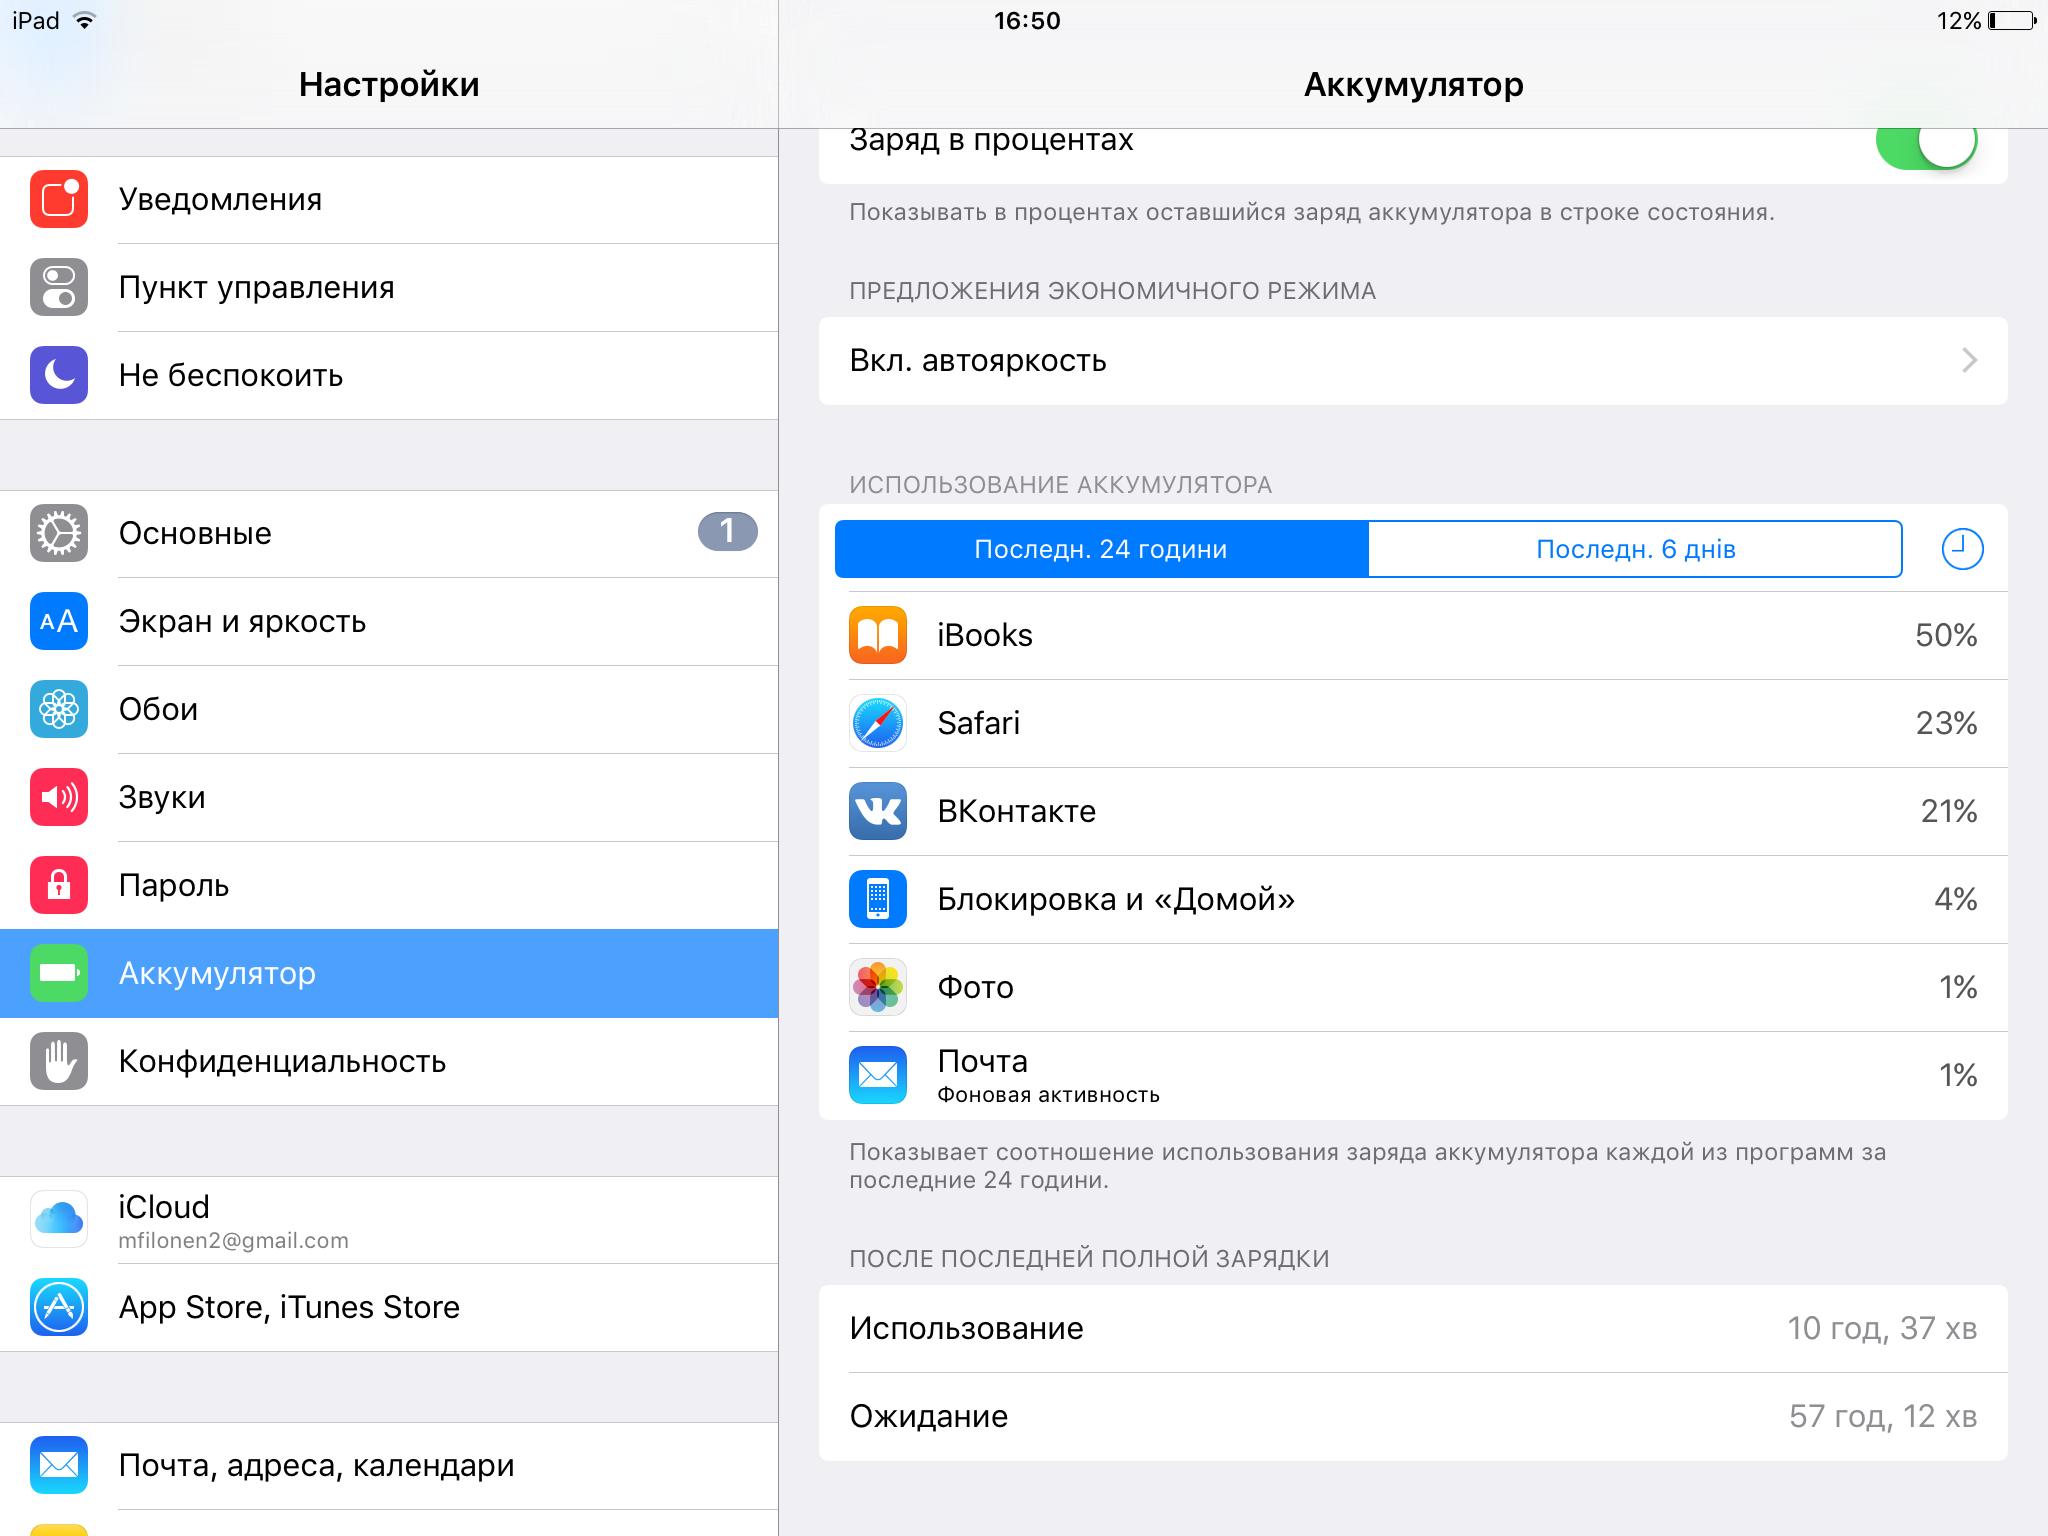 Информация об аккумуляторе в настройках iOS